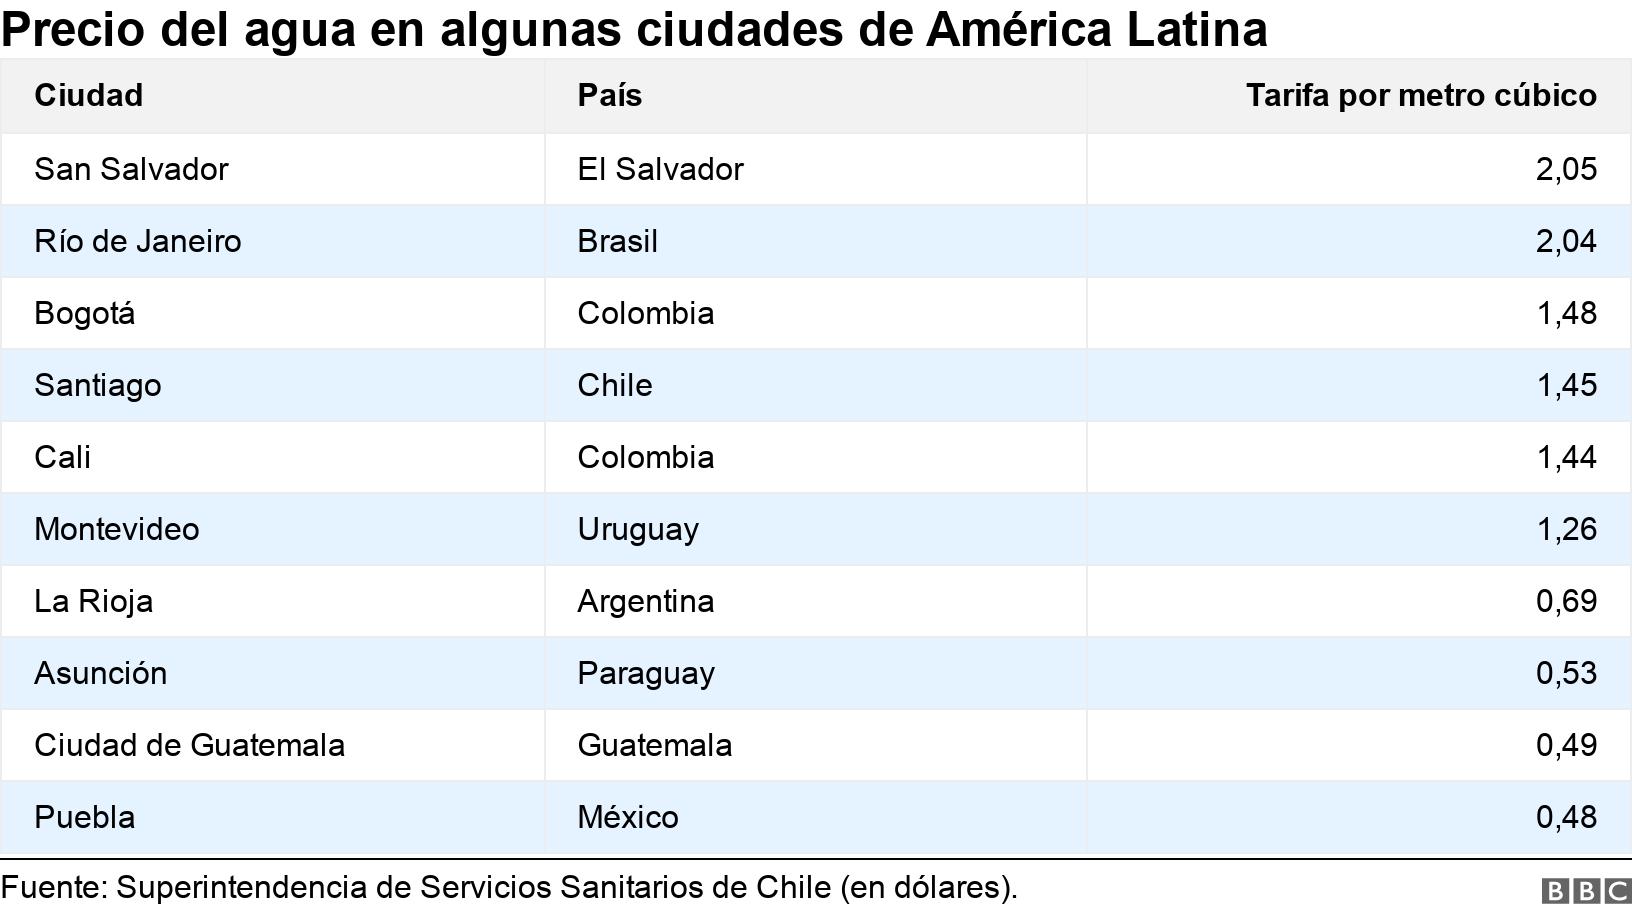 Precio del agua en algunas ciudades de América Latina. .  .